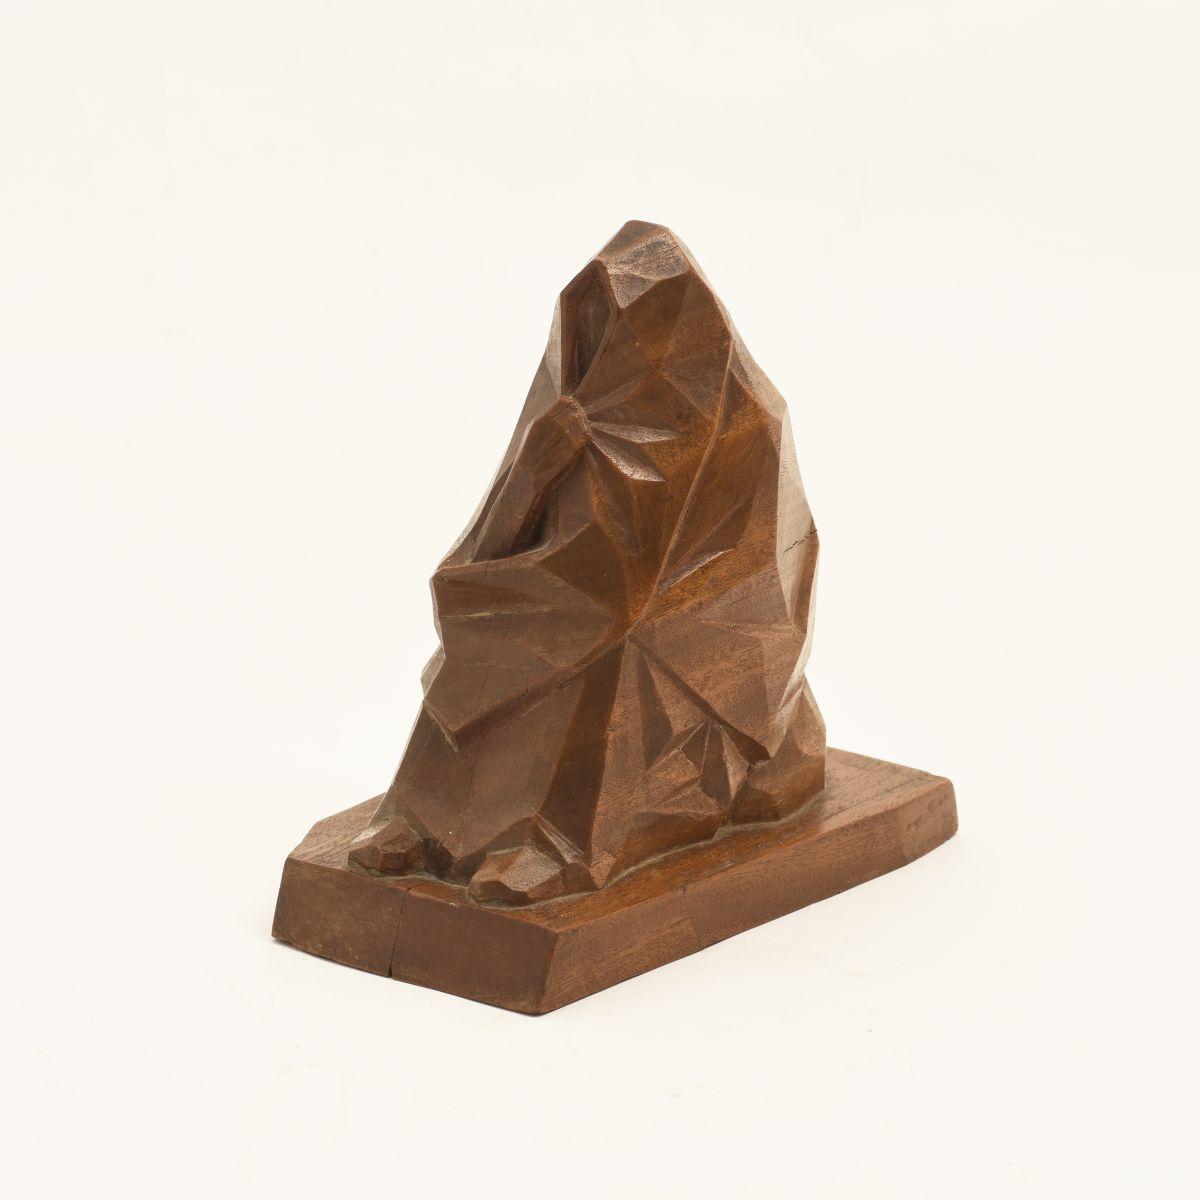 Wooden-Sculpture-1970